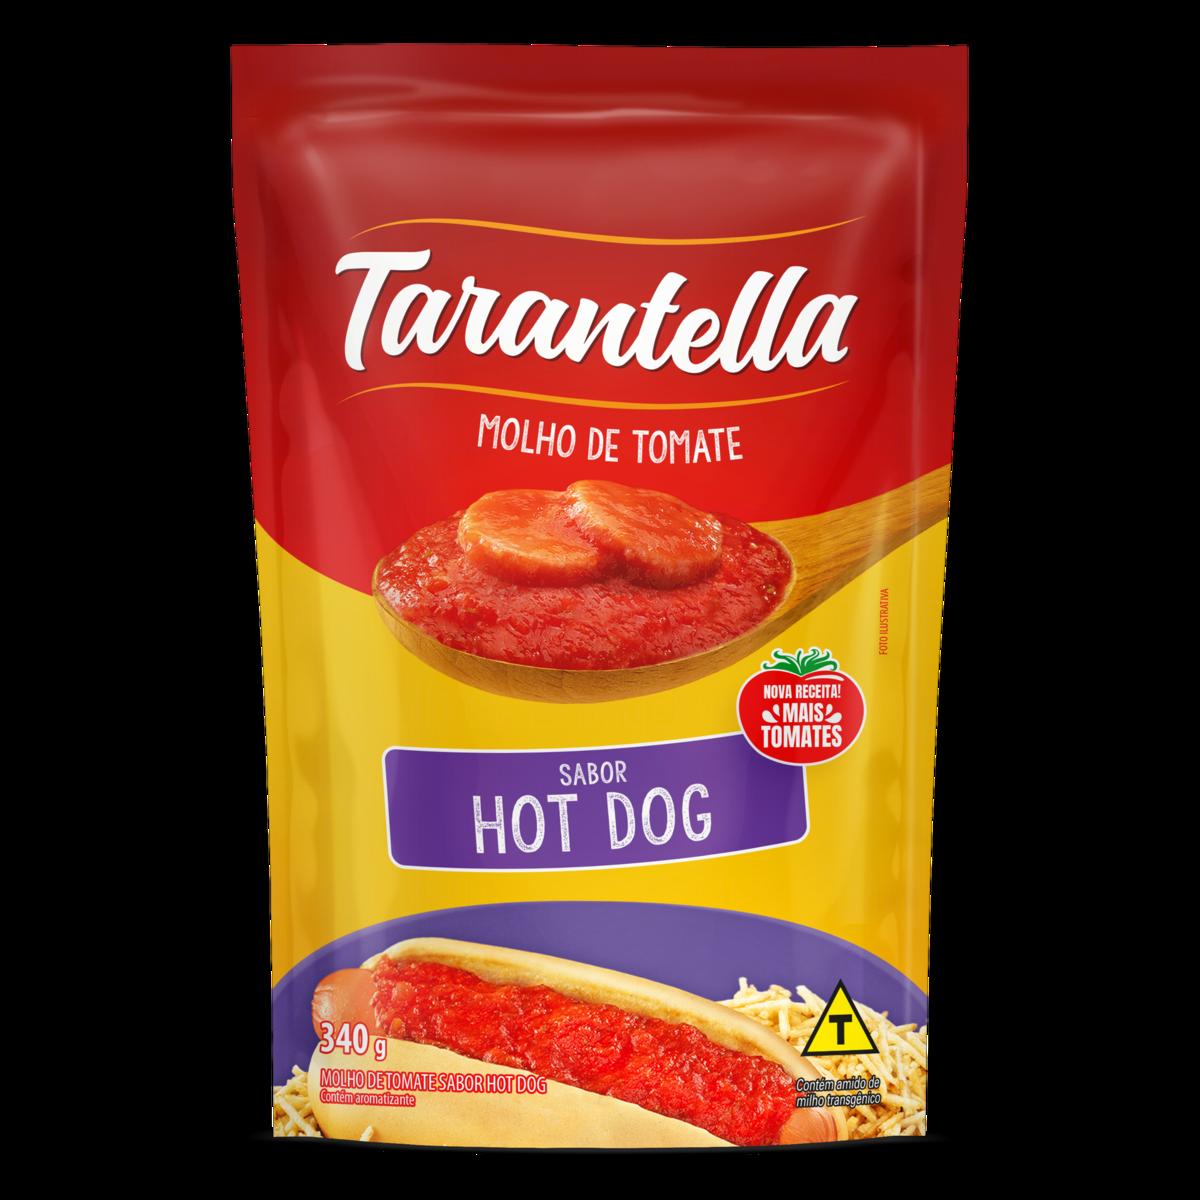 MOLHO TOMATE TARANTELLA 340G SACHE HOT DOG